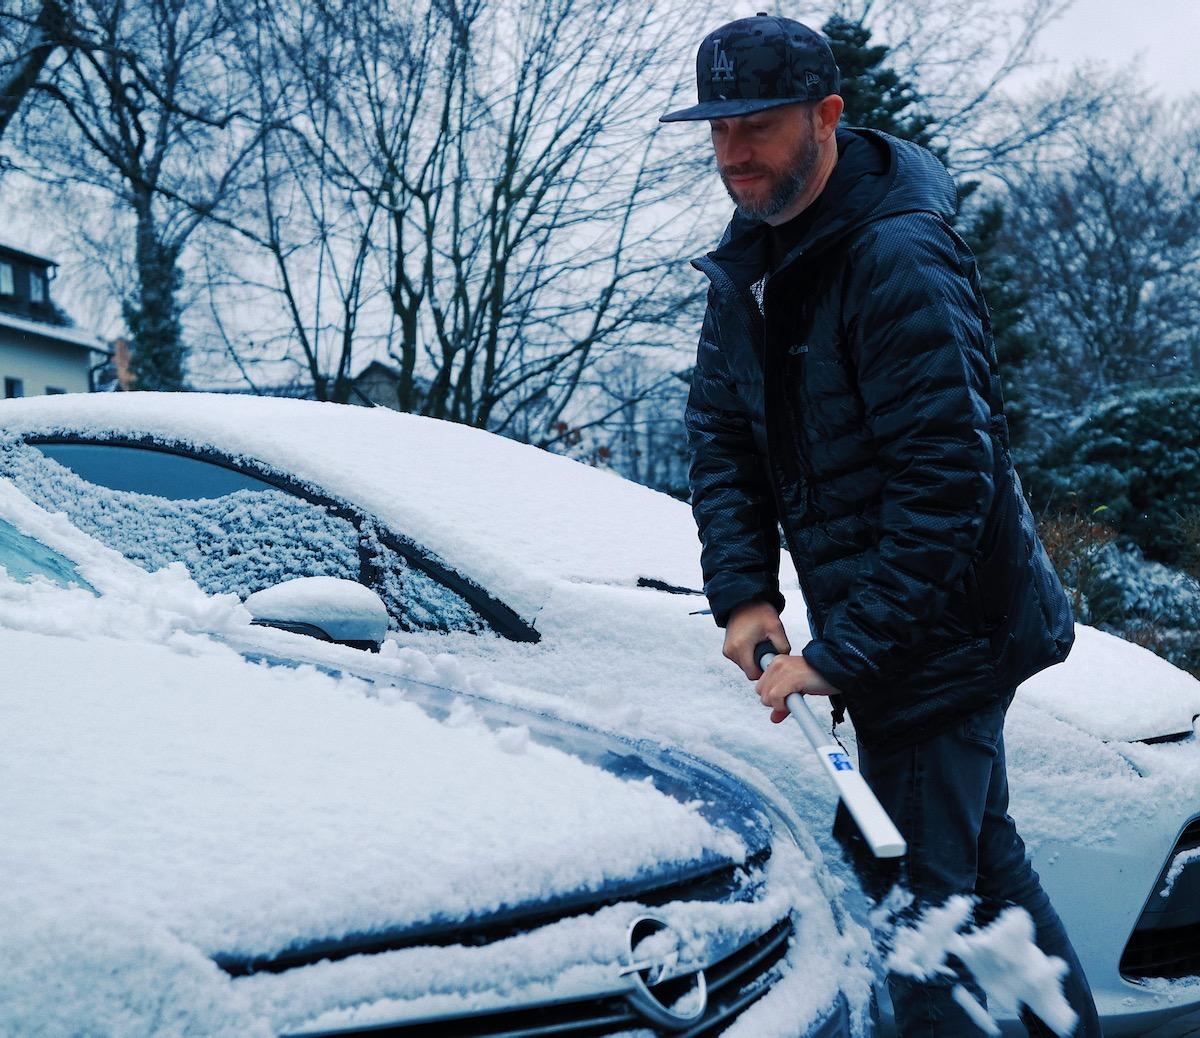 KUNGS Winterzubehör für Autofahrer 2021 | Die nordische Premium-Autopflege gegen Eis und Schnee am KFZ im Closer Look